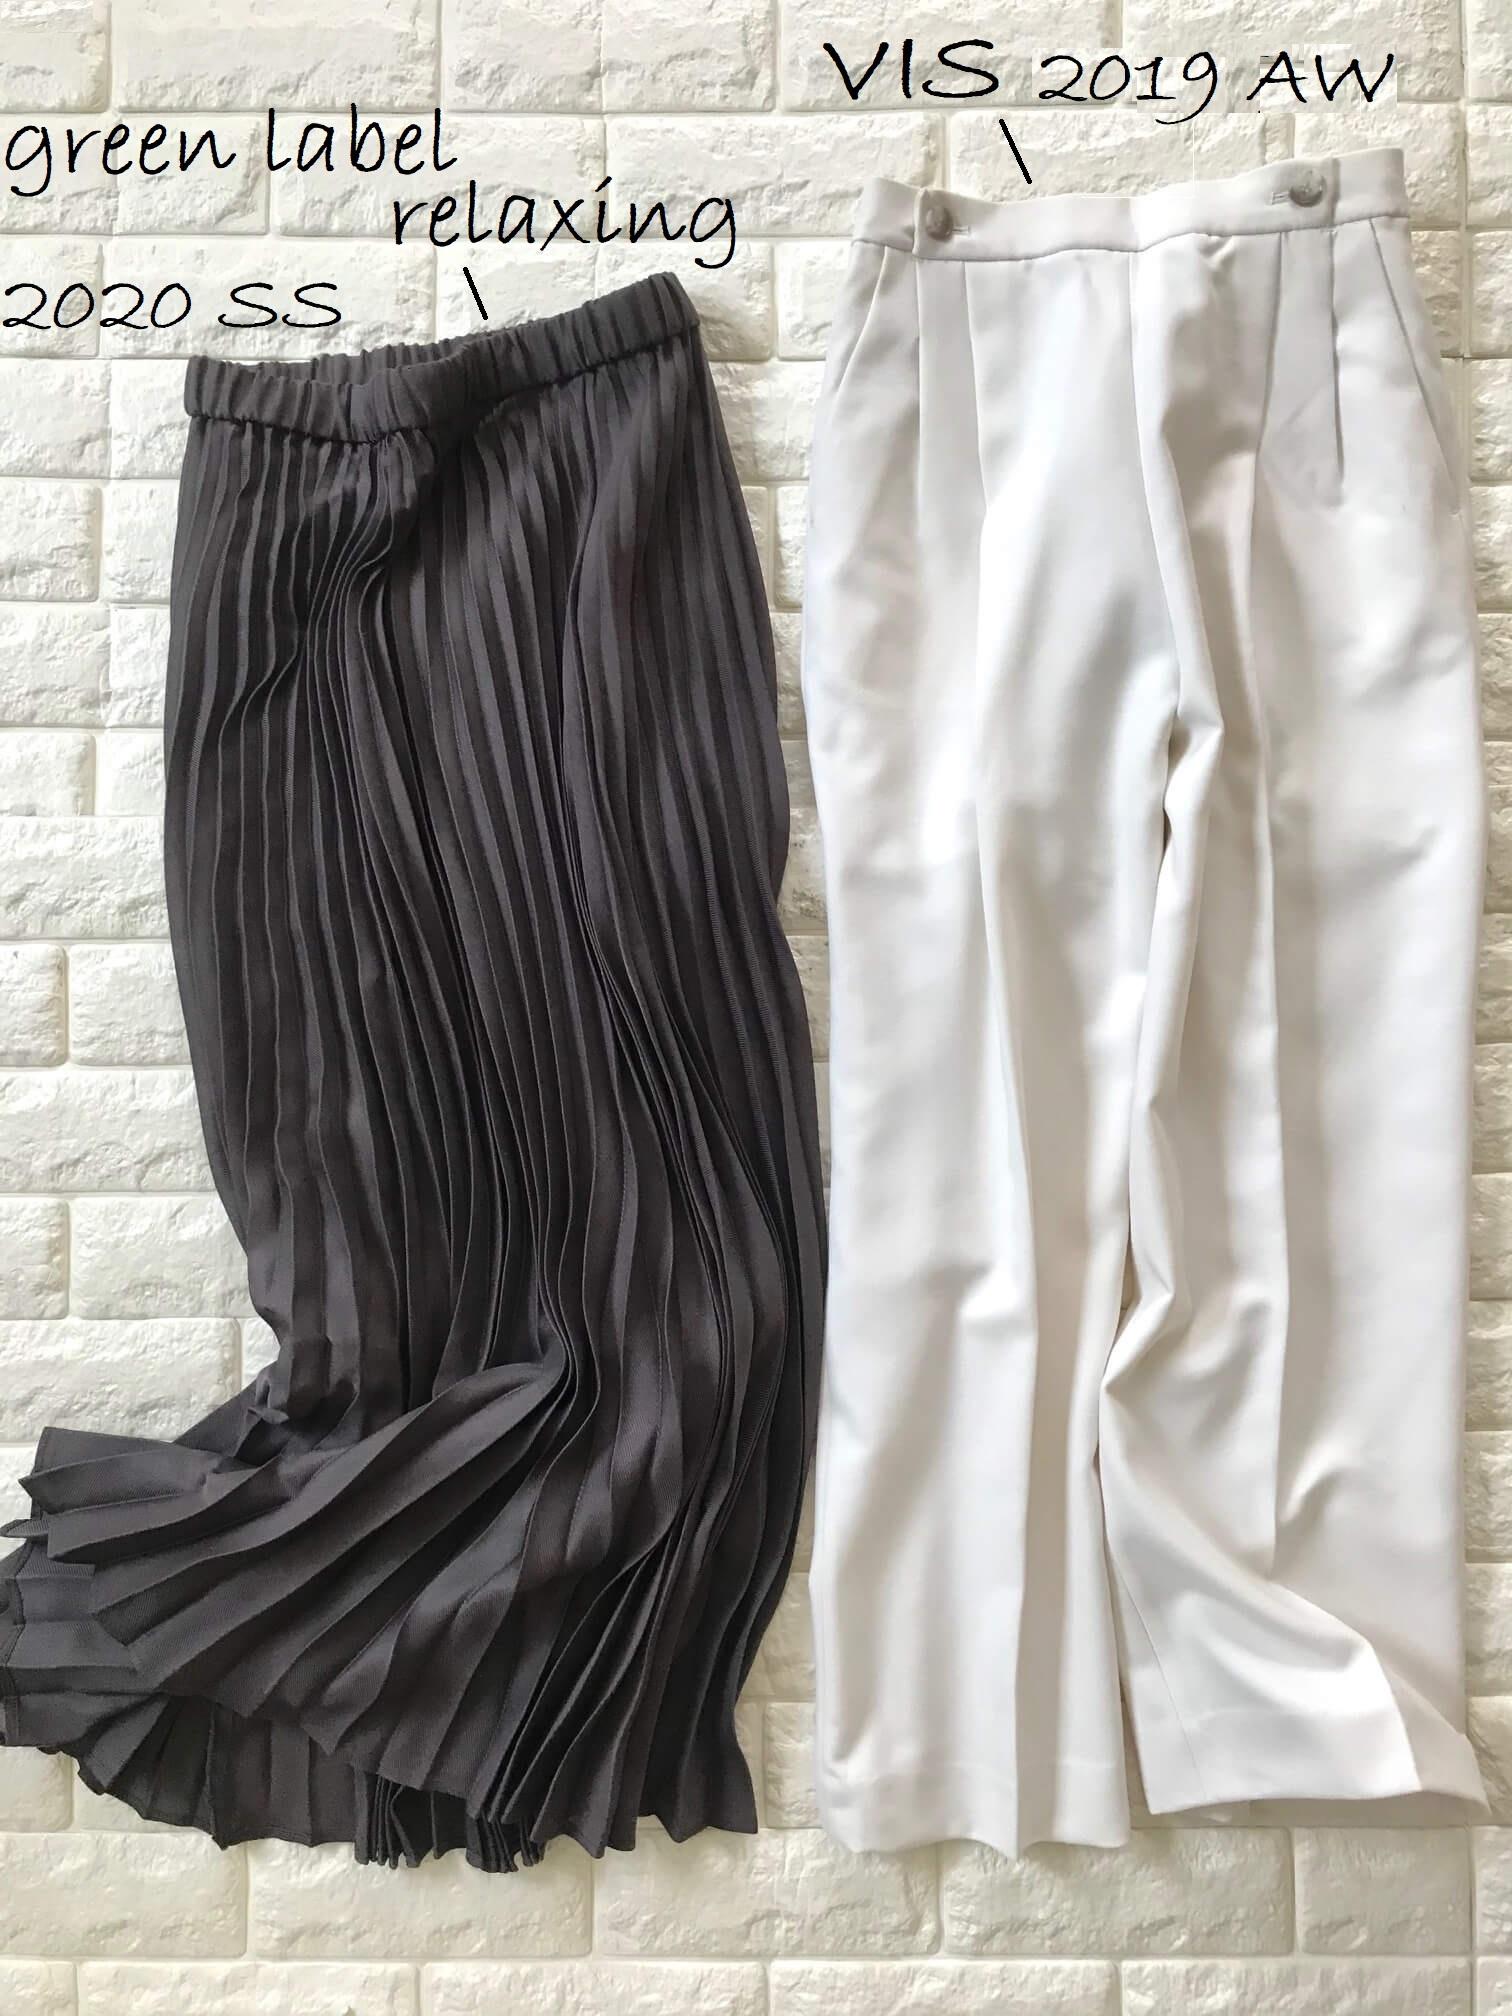 グリーンレーベルのスカートと、VISのパンツ画像